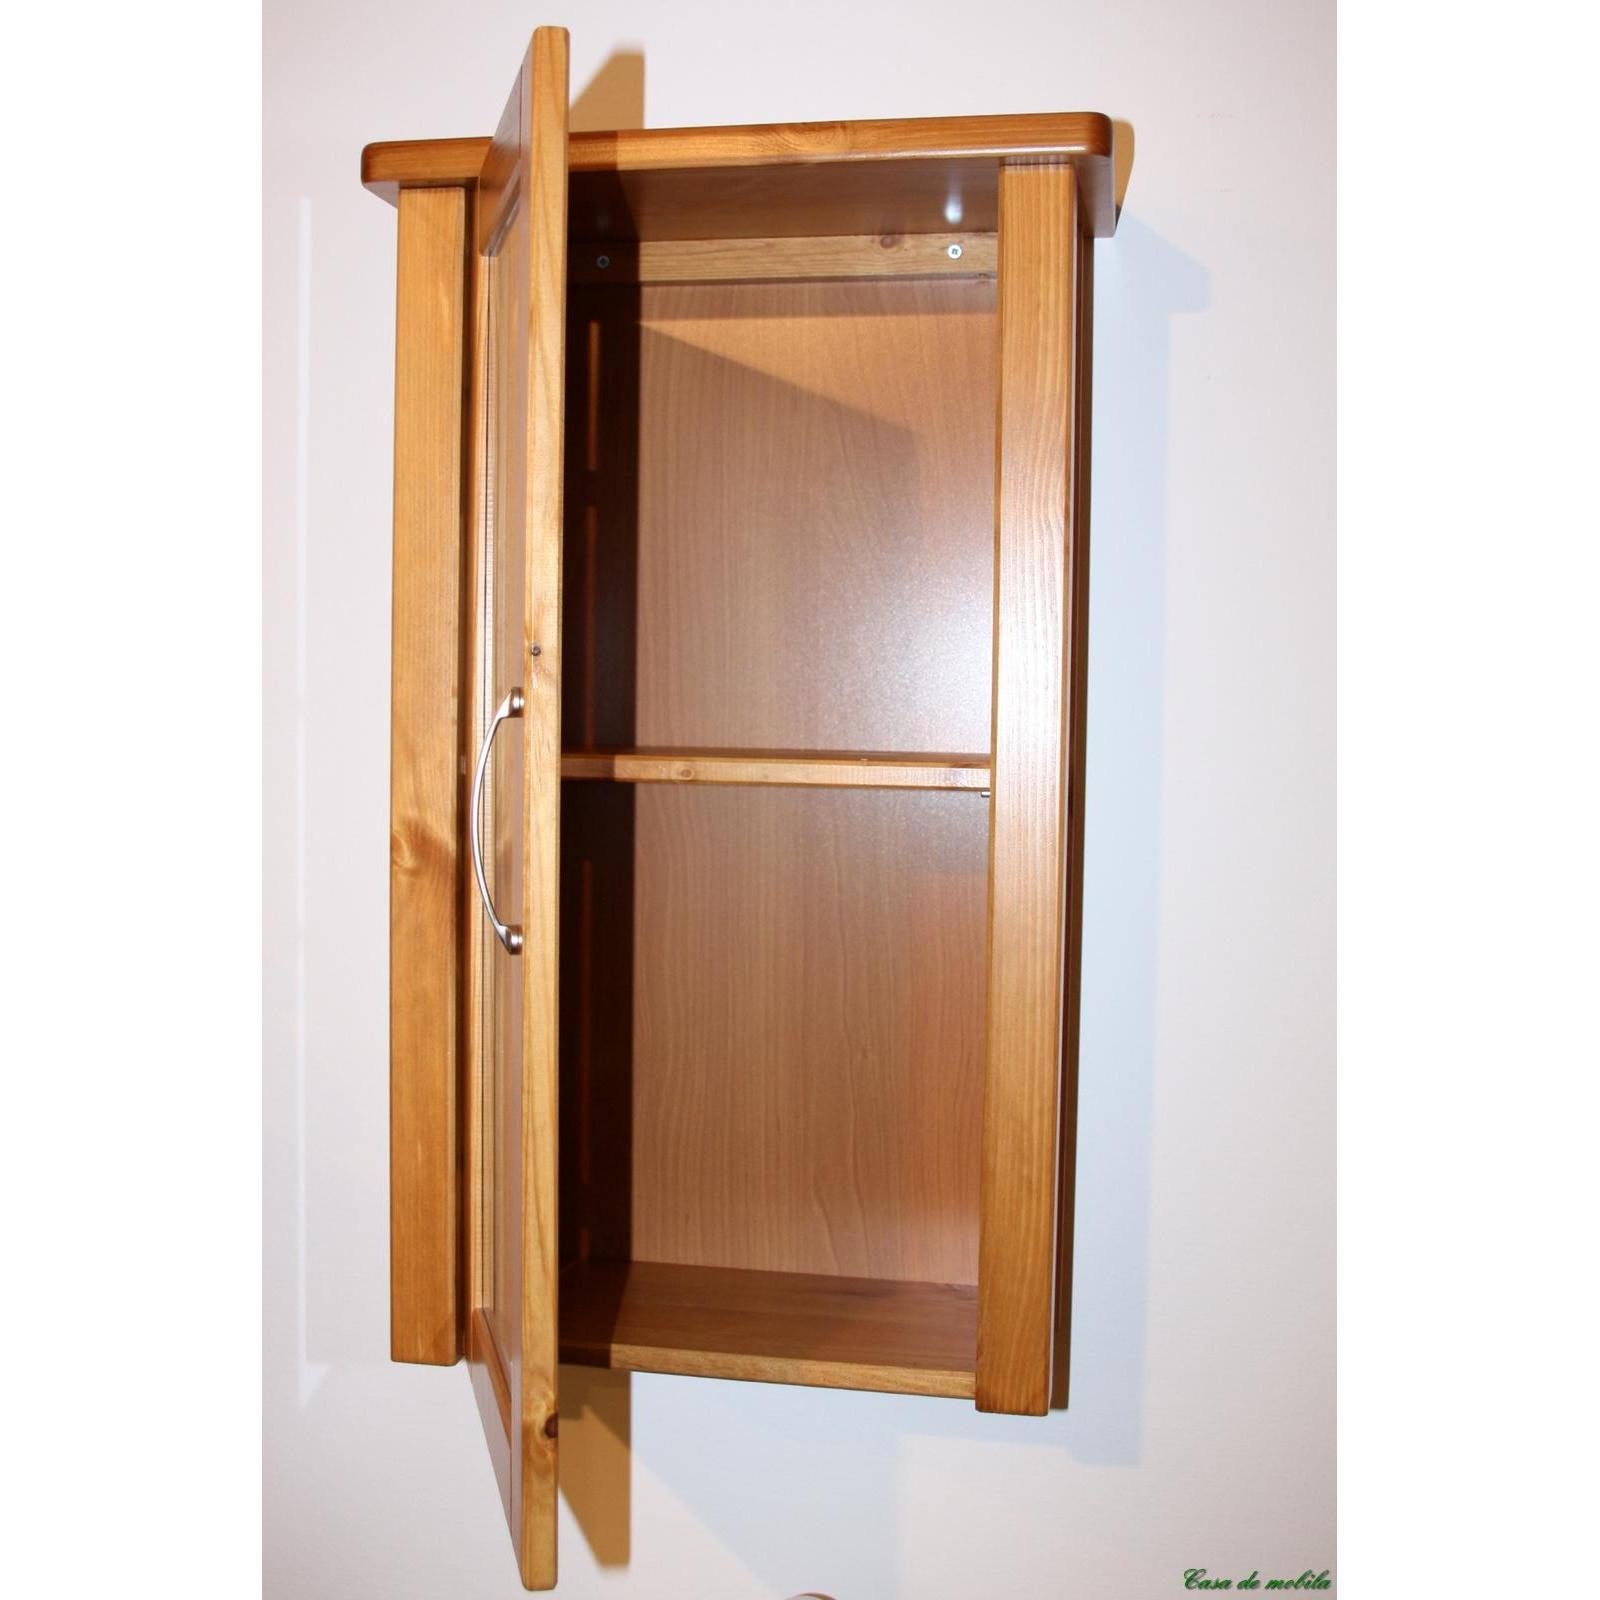 massivholz badschrank hochschrank bad m bel kiefer massiv. Black Bedroom Furniture Sets. Home Design Ideas